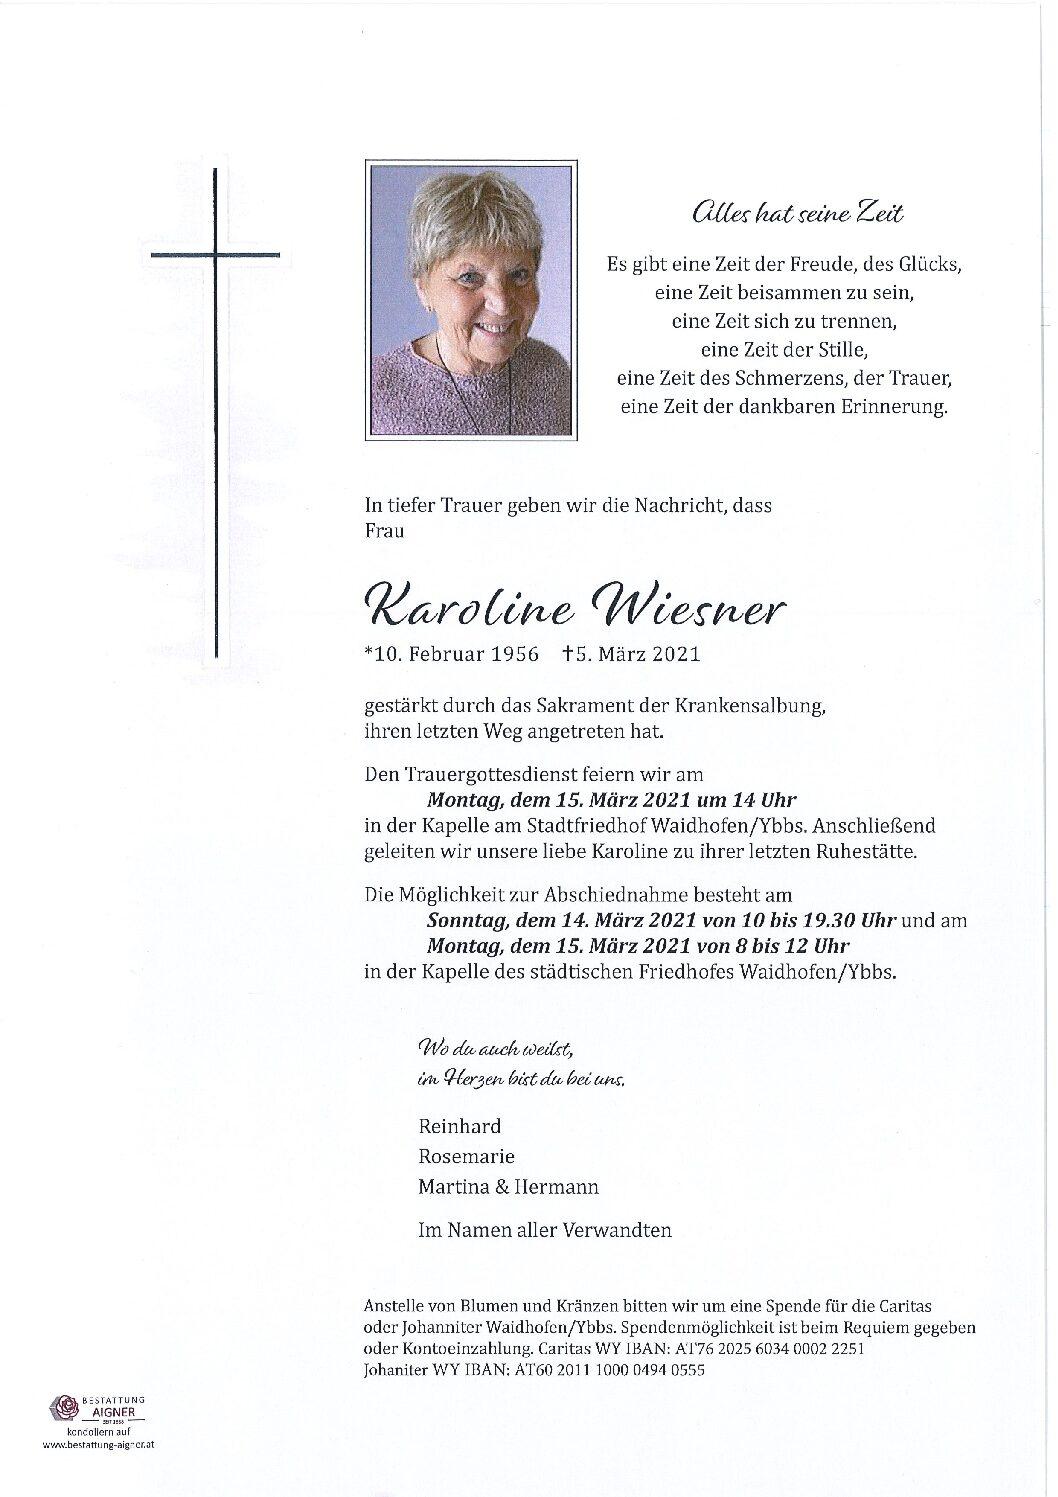 Karoline Wiesner